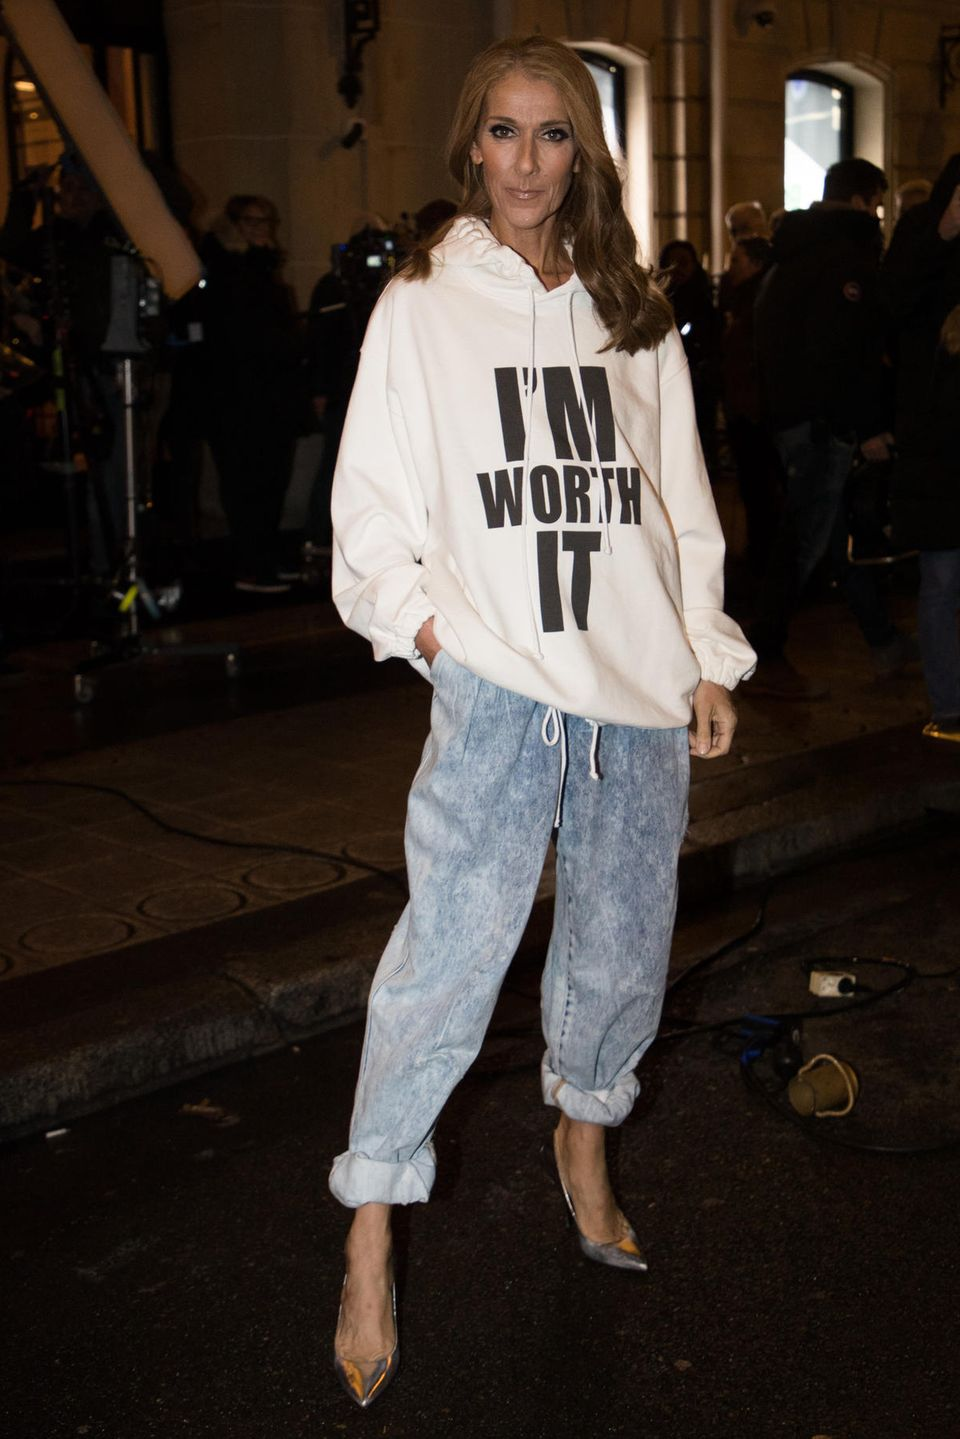 """Was es mit dieser Botschaft wohl auf sich hat? Céline Dion zeigt sich in Paris mit einem Statement-Hoodie. Nicht nur das Design des auffälligen Pullovers ist bemerkenswert, auch die Botschaft hat es in sich. """"I'm worth it"""" (zu dt.: Ich bin es wert) prankt in großen, schwarzen Lettern auf ihrem weißen Oberteil.Zu dem Oversize-Pulli kombiniert Céline eine ebenfalls übergroße Jeans und Pumps. Klarheit bezüglich dieses auffälligen Looks verschaffen jedoch die folgenden Bilder..."""